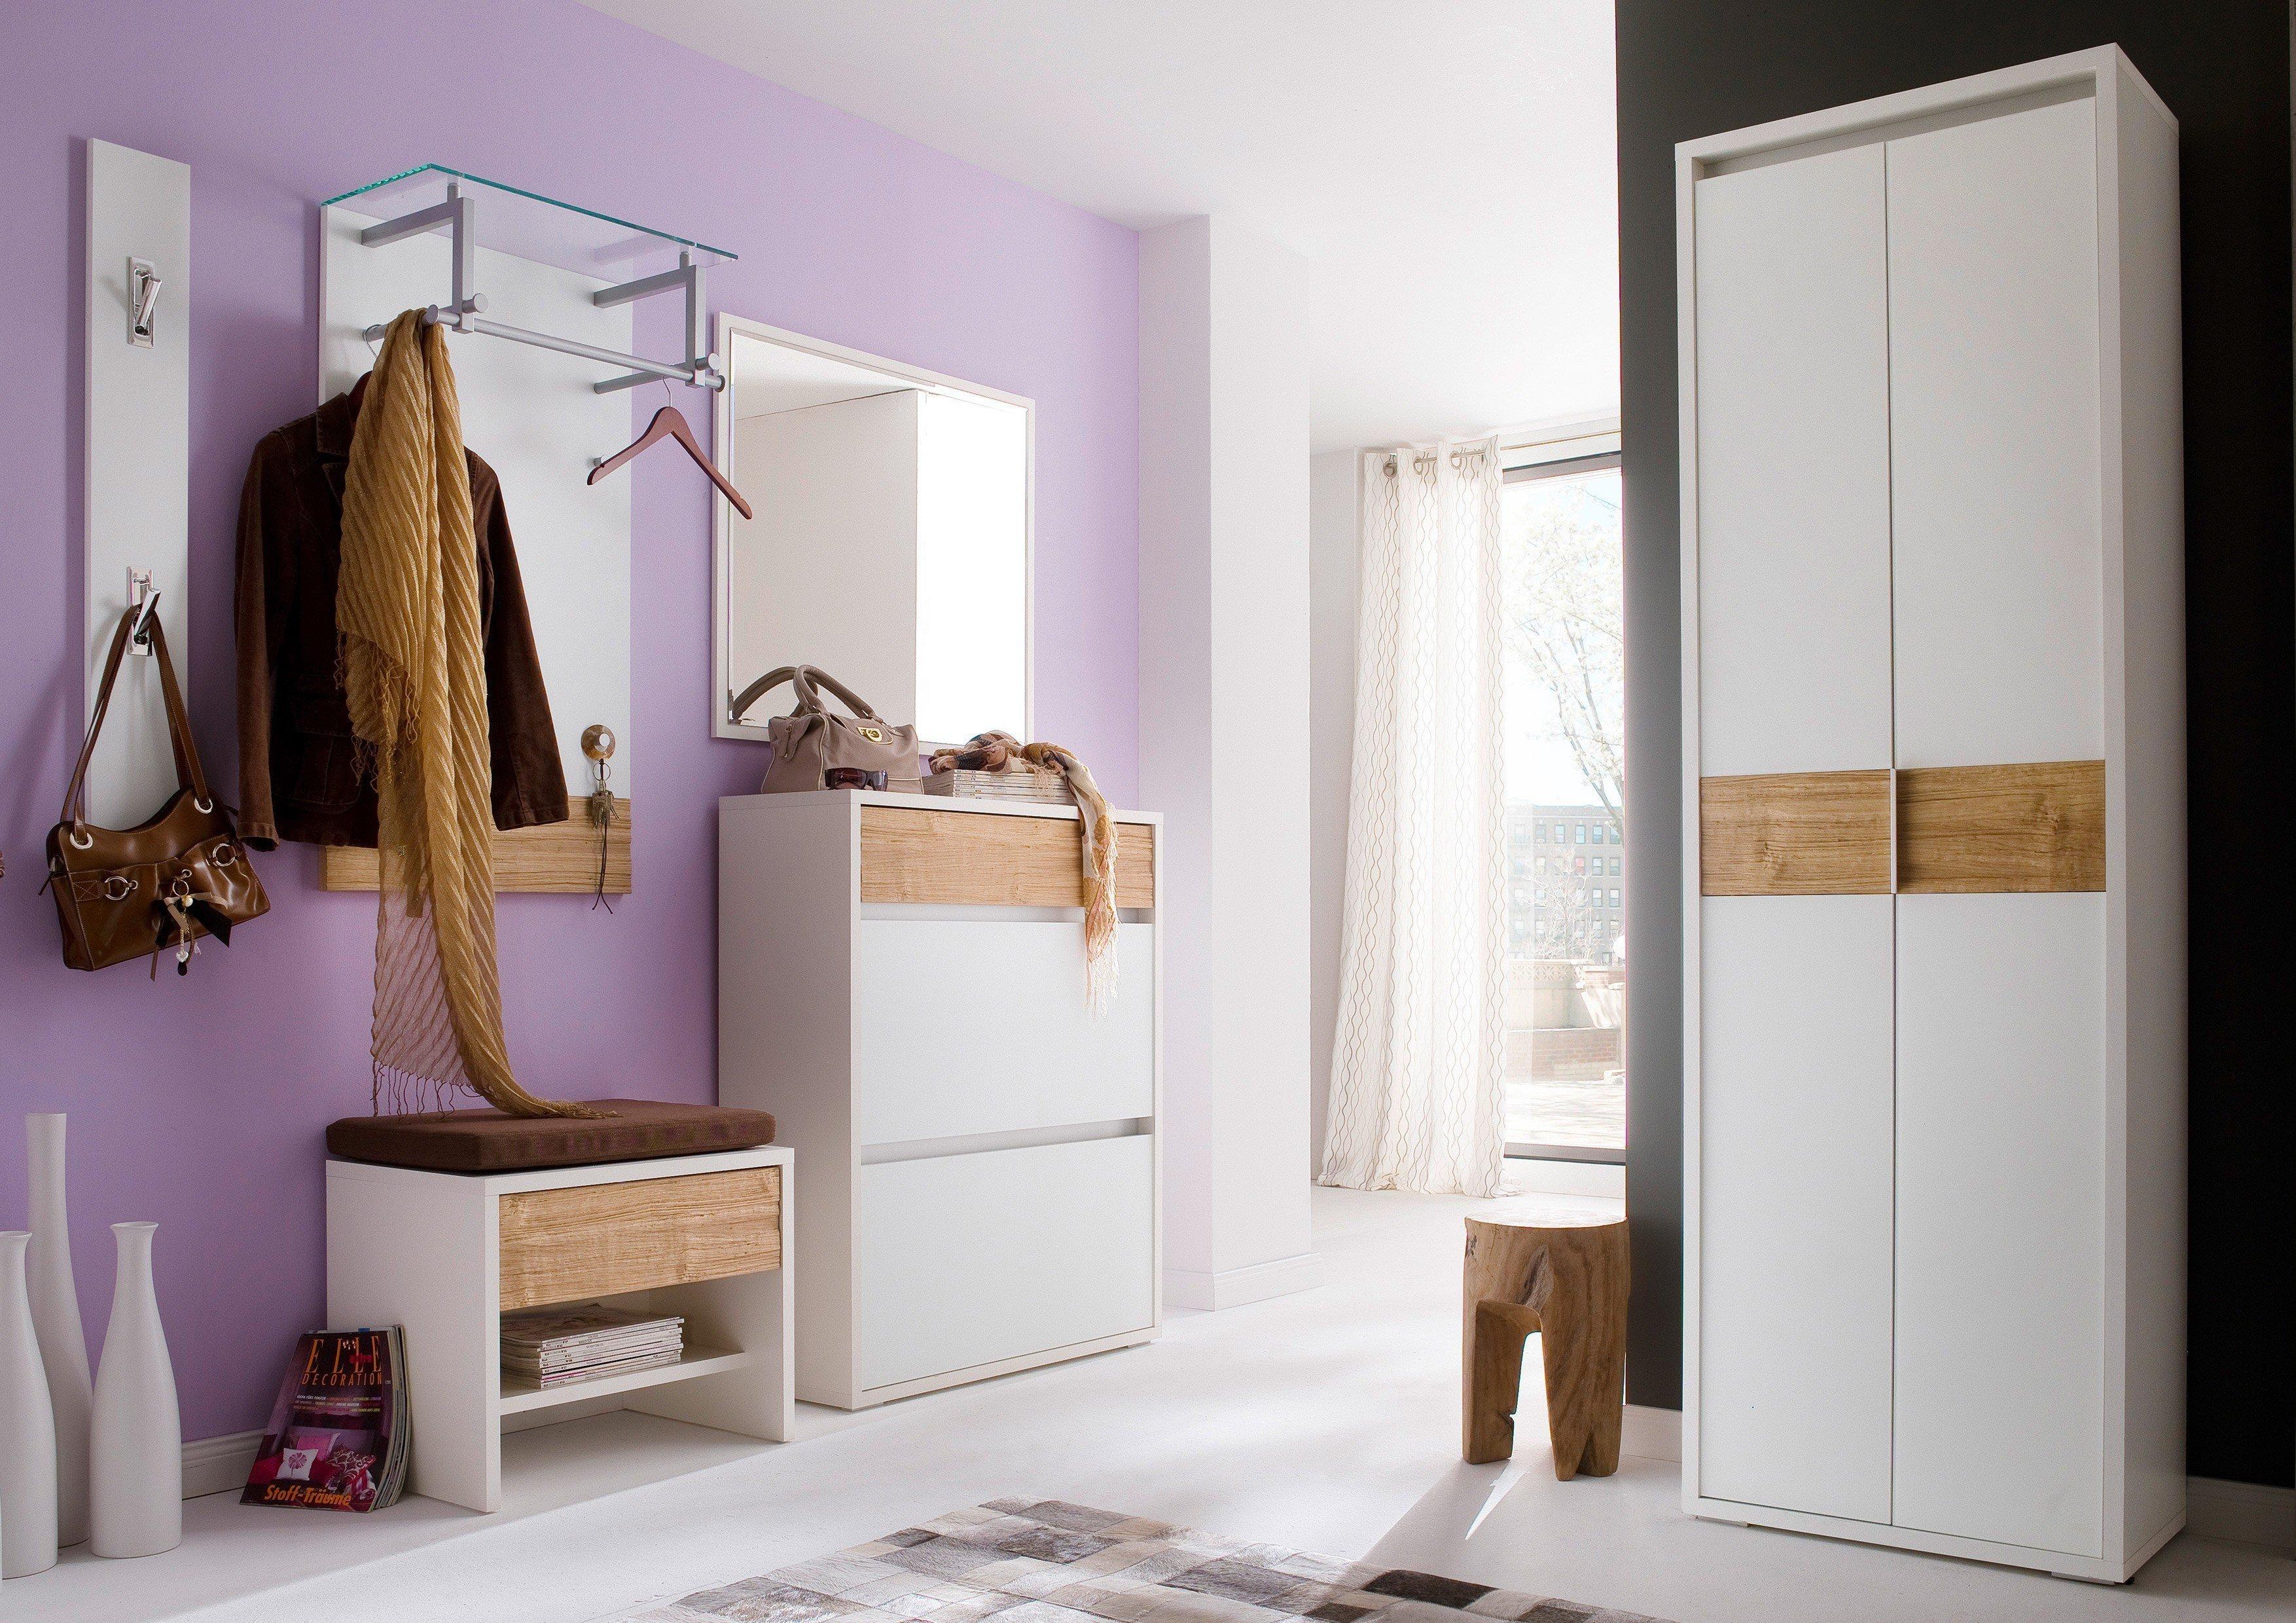 Inspirierend Garderobe Weiß Eiche Sammlung Von Merano Von Wittenbreder - In Weiß/ Spaltholz